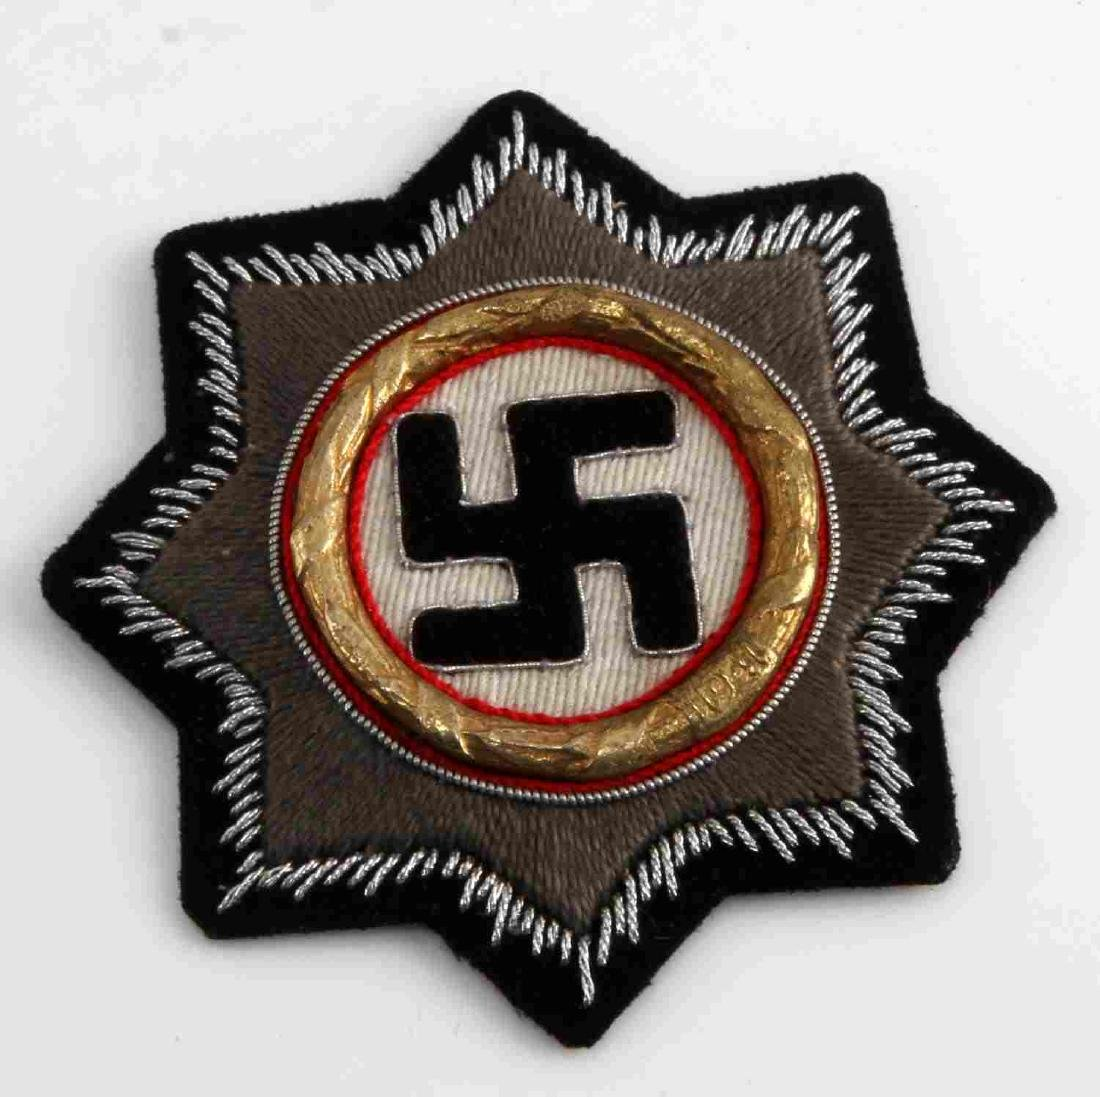 WWII GERMAN THIRD REICH PANZER GERMAN CROSS GOLD